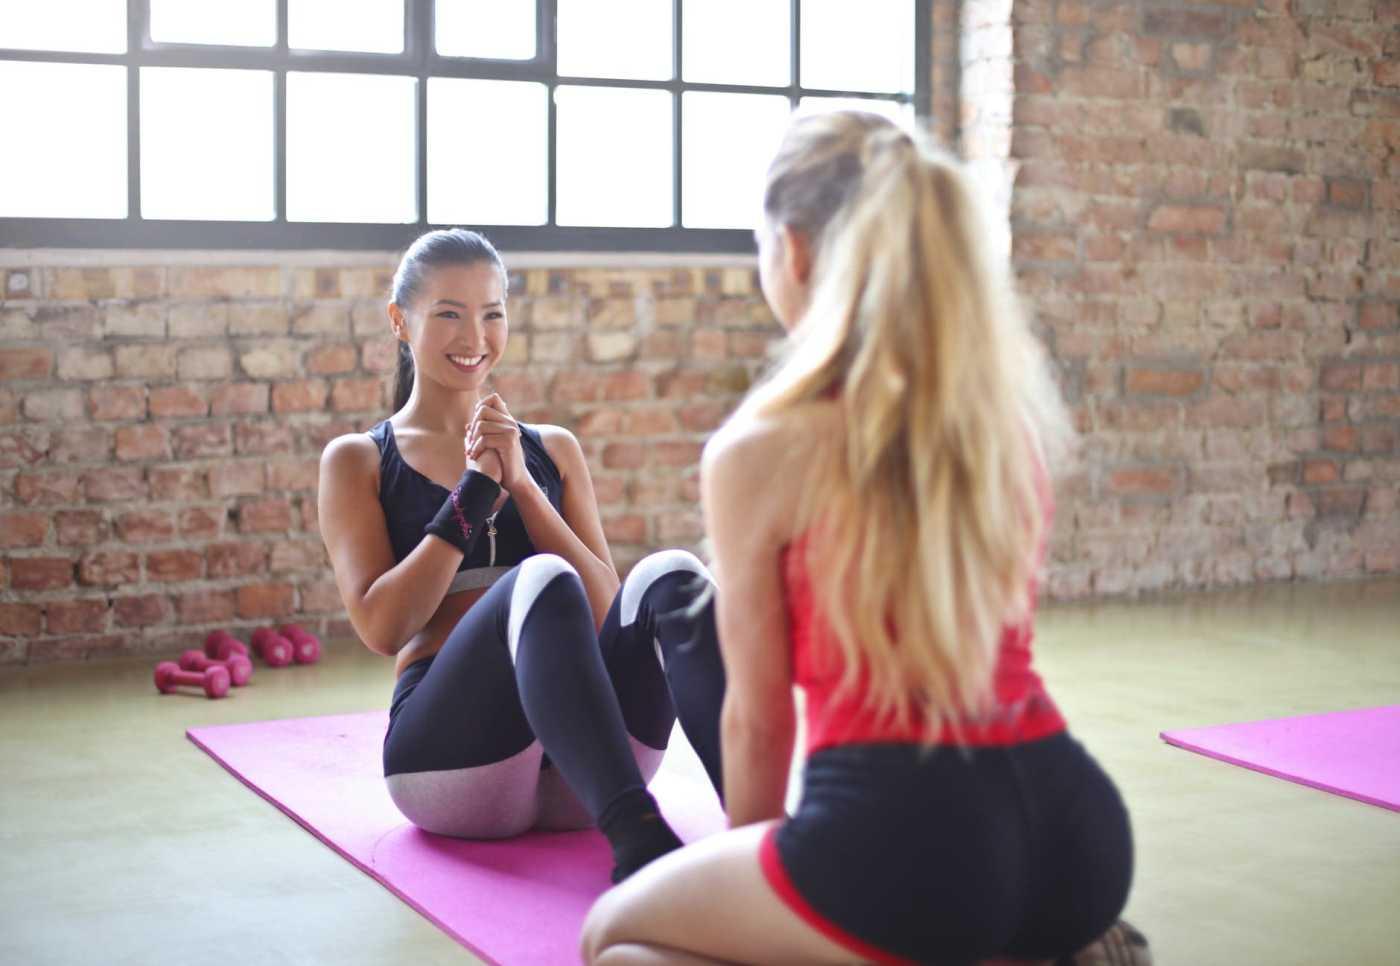 exercise partner